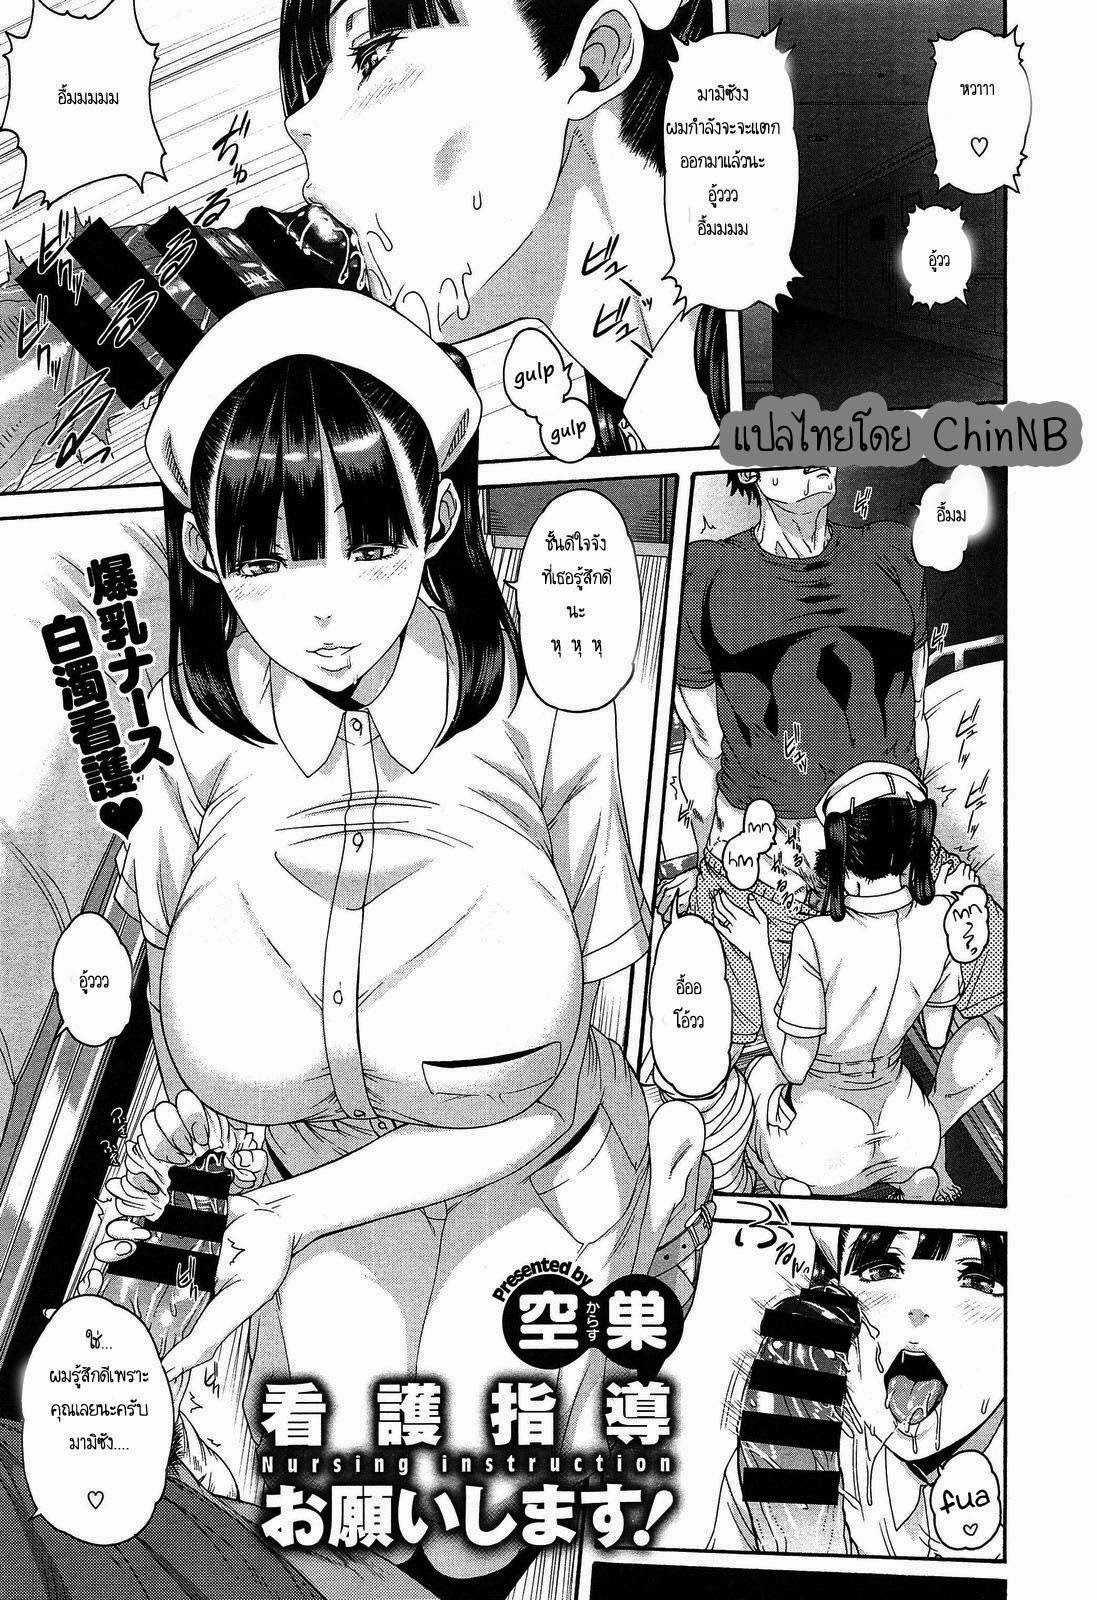 karasu-kango-shidou-onegai-shimasu-nursing-instructions-comic-x-eros-18